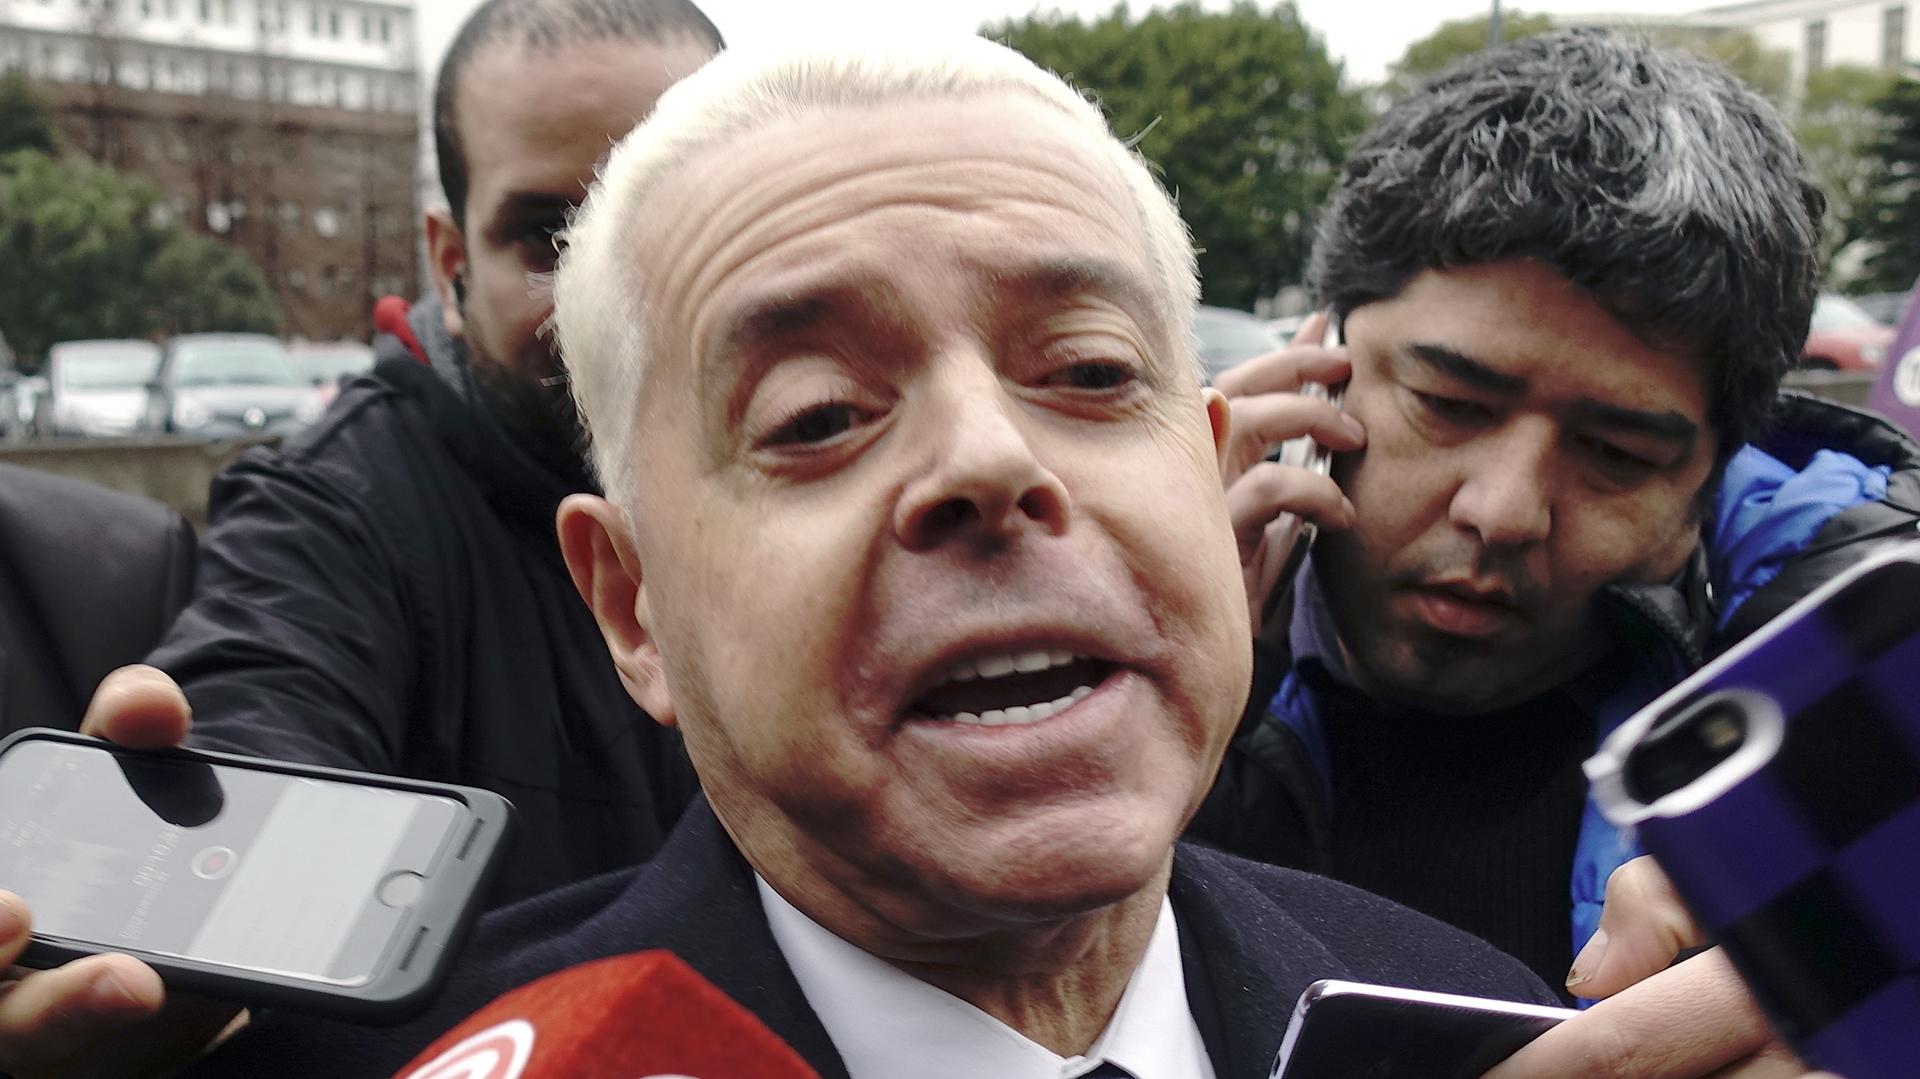 Oyarbide cuando fue citado a declarar en agosto pasado por la causa de los cuadernos(NA)